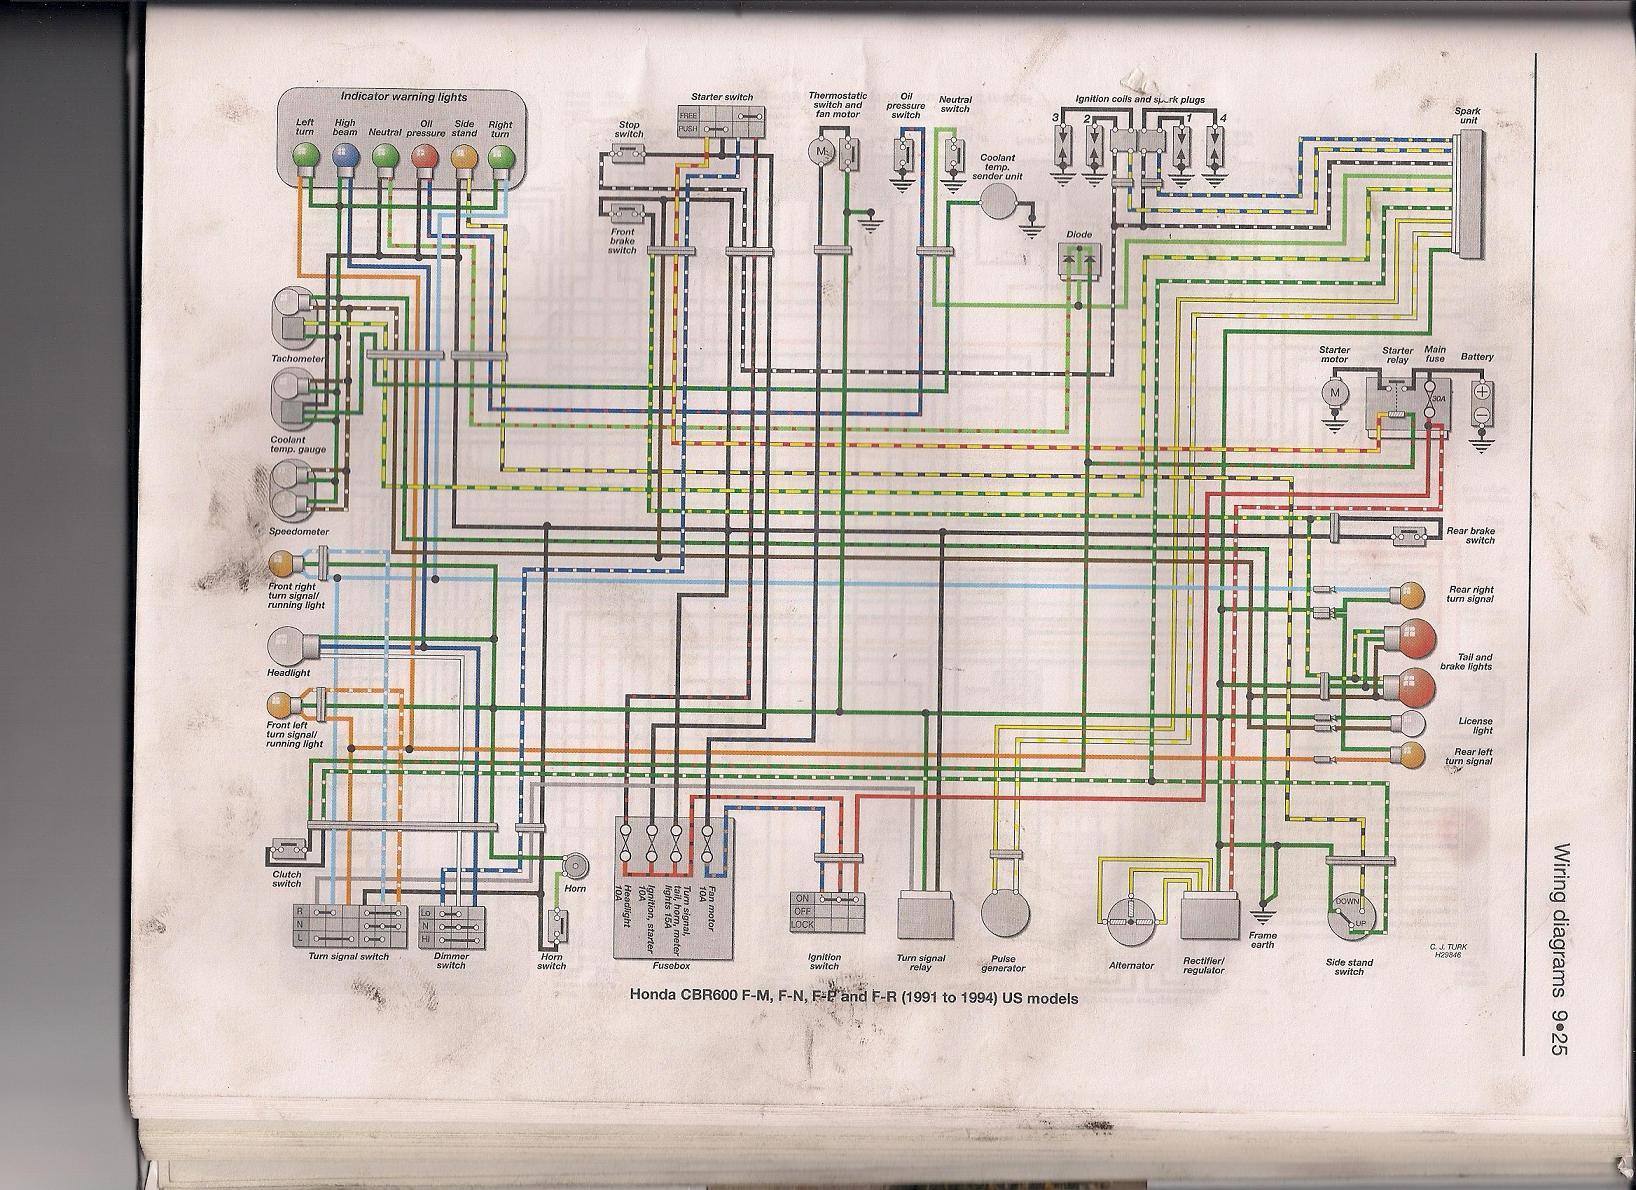 hight resolution of 96 honda cbr 600 wiring diagram honda vt 1100 wiring 96 cbr 600 frame 96 cbr